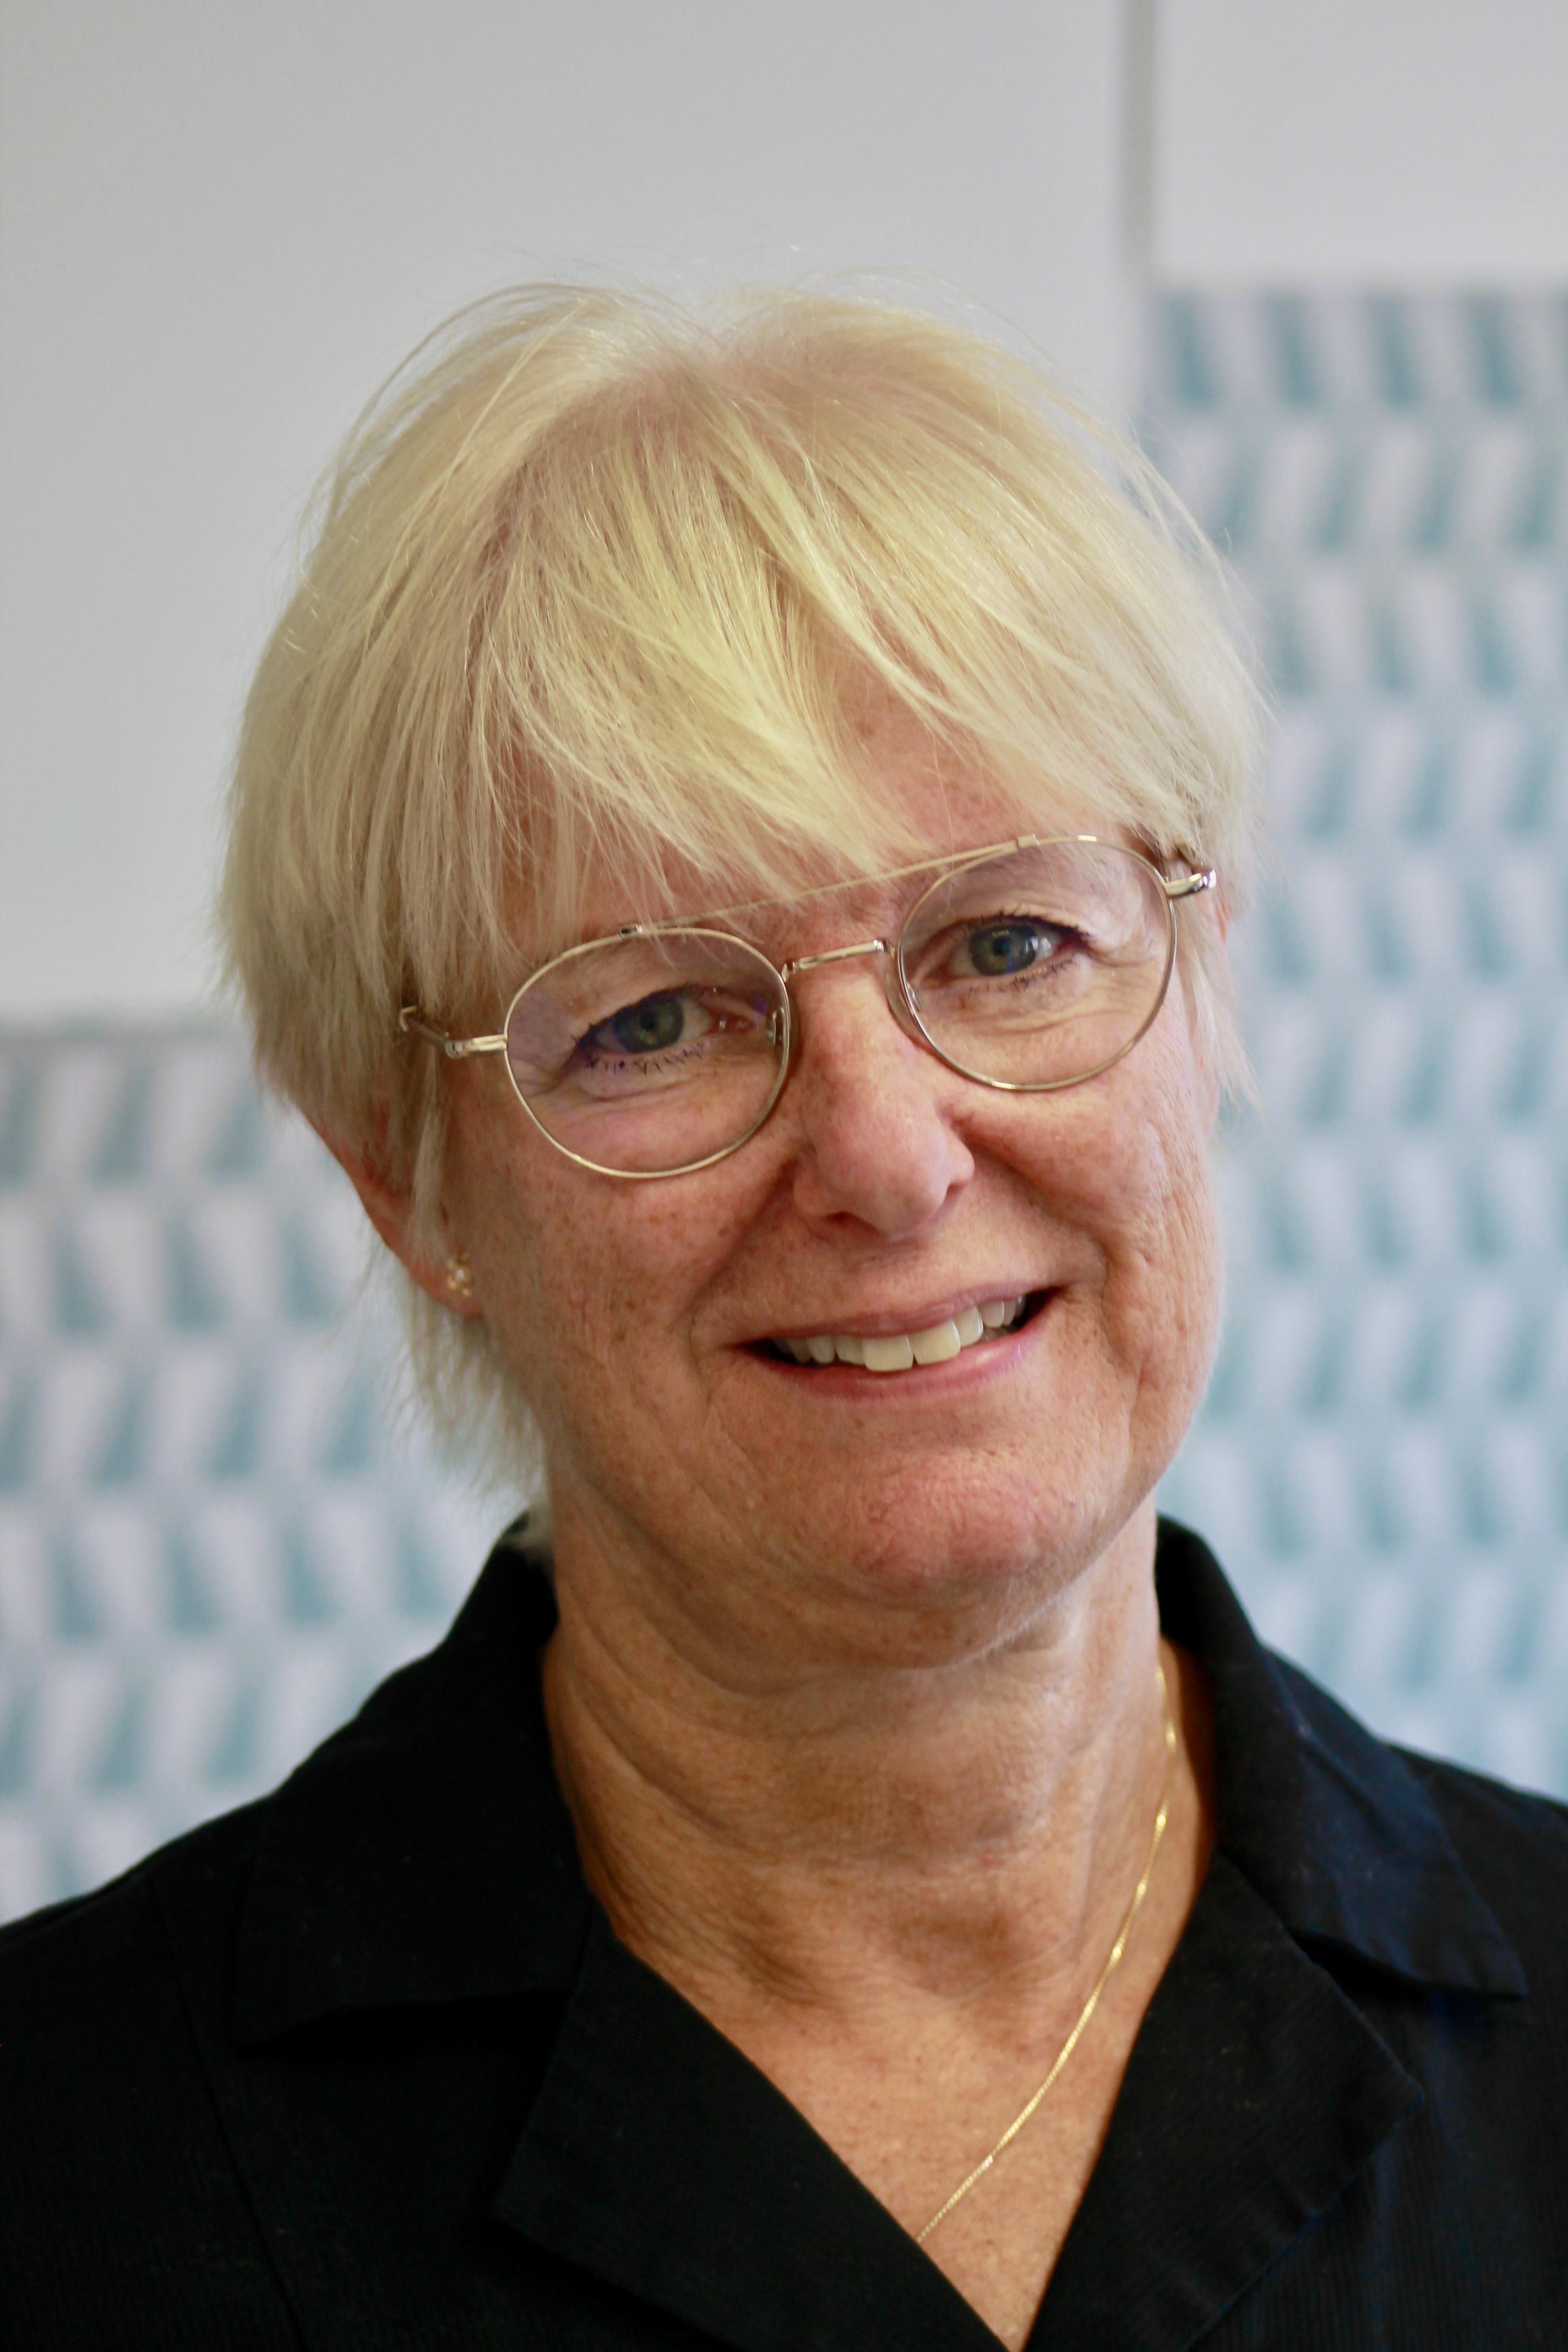 Zara Klasmark